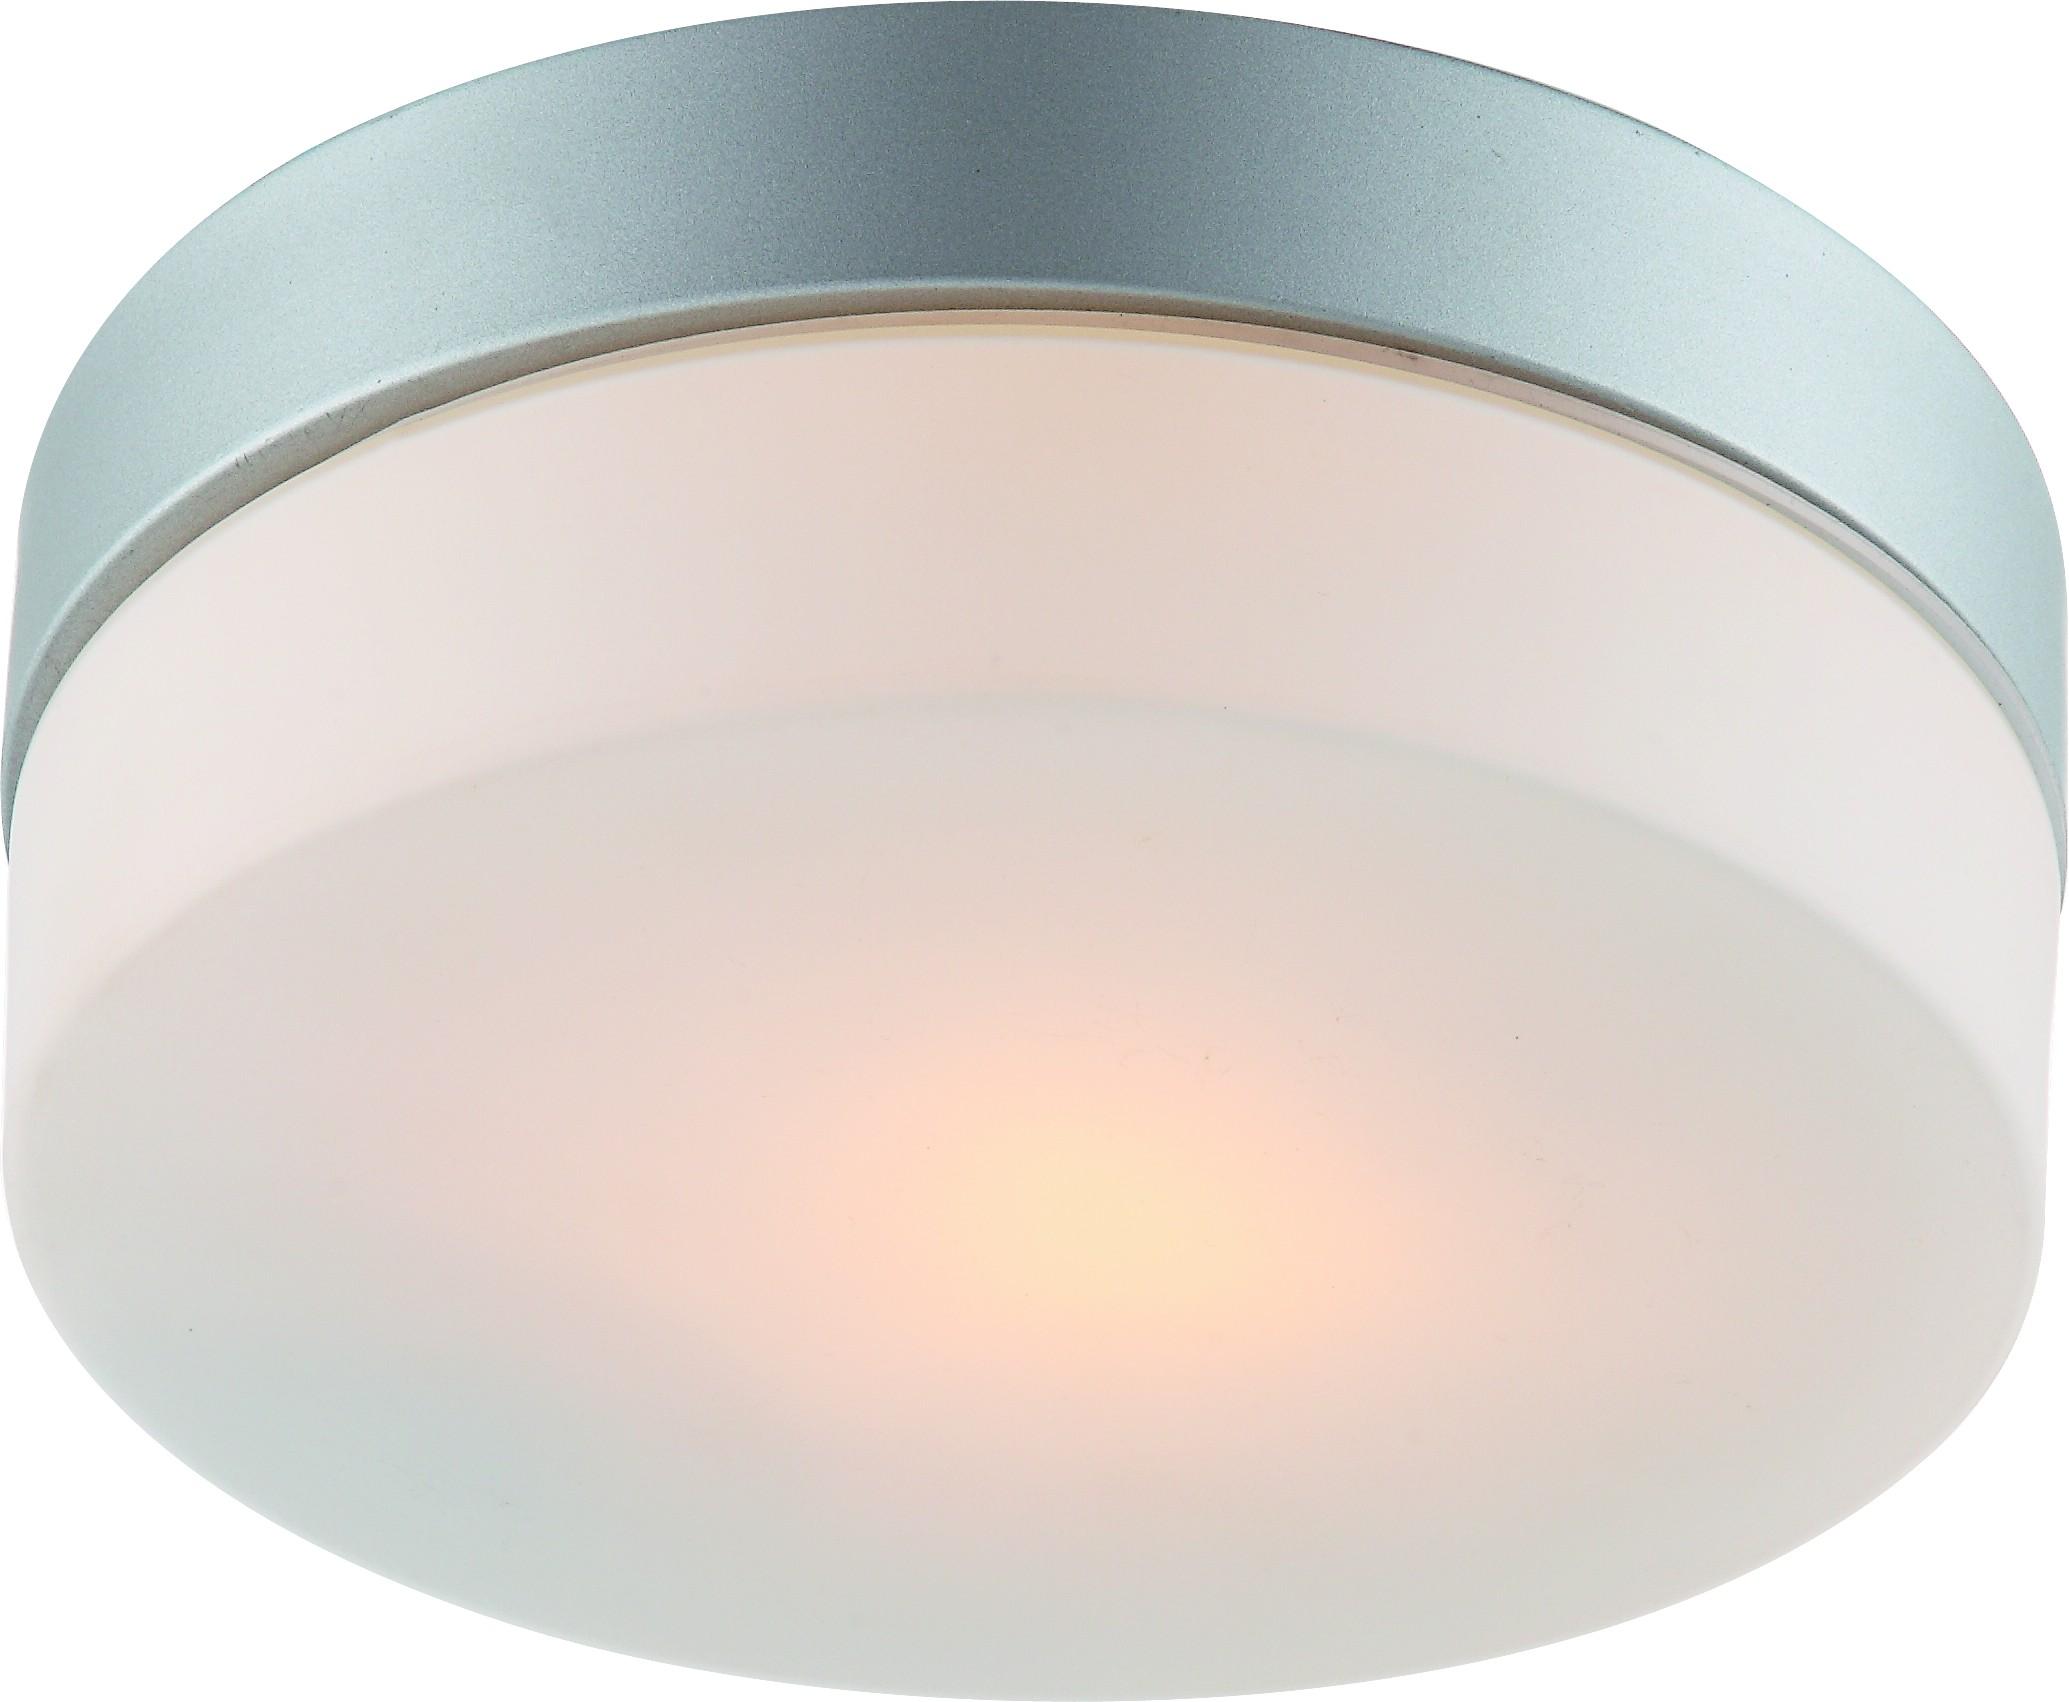 Светильник настенно-потолочный Arte lamp A3211pl-1si светильник настенно потолочный arte lamp a3211pl 3si